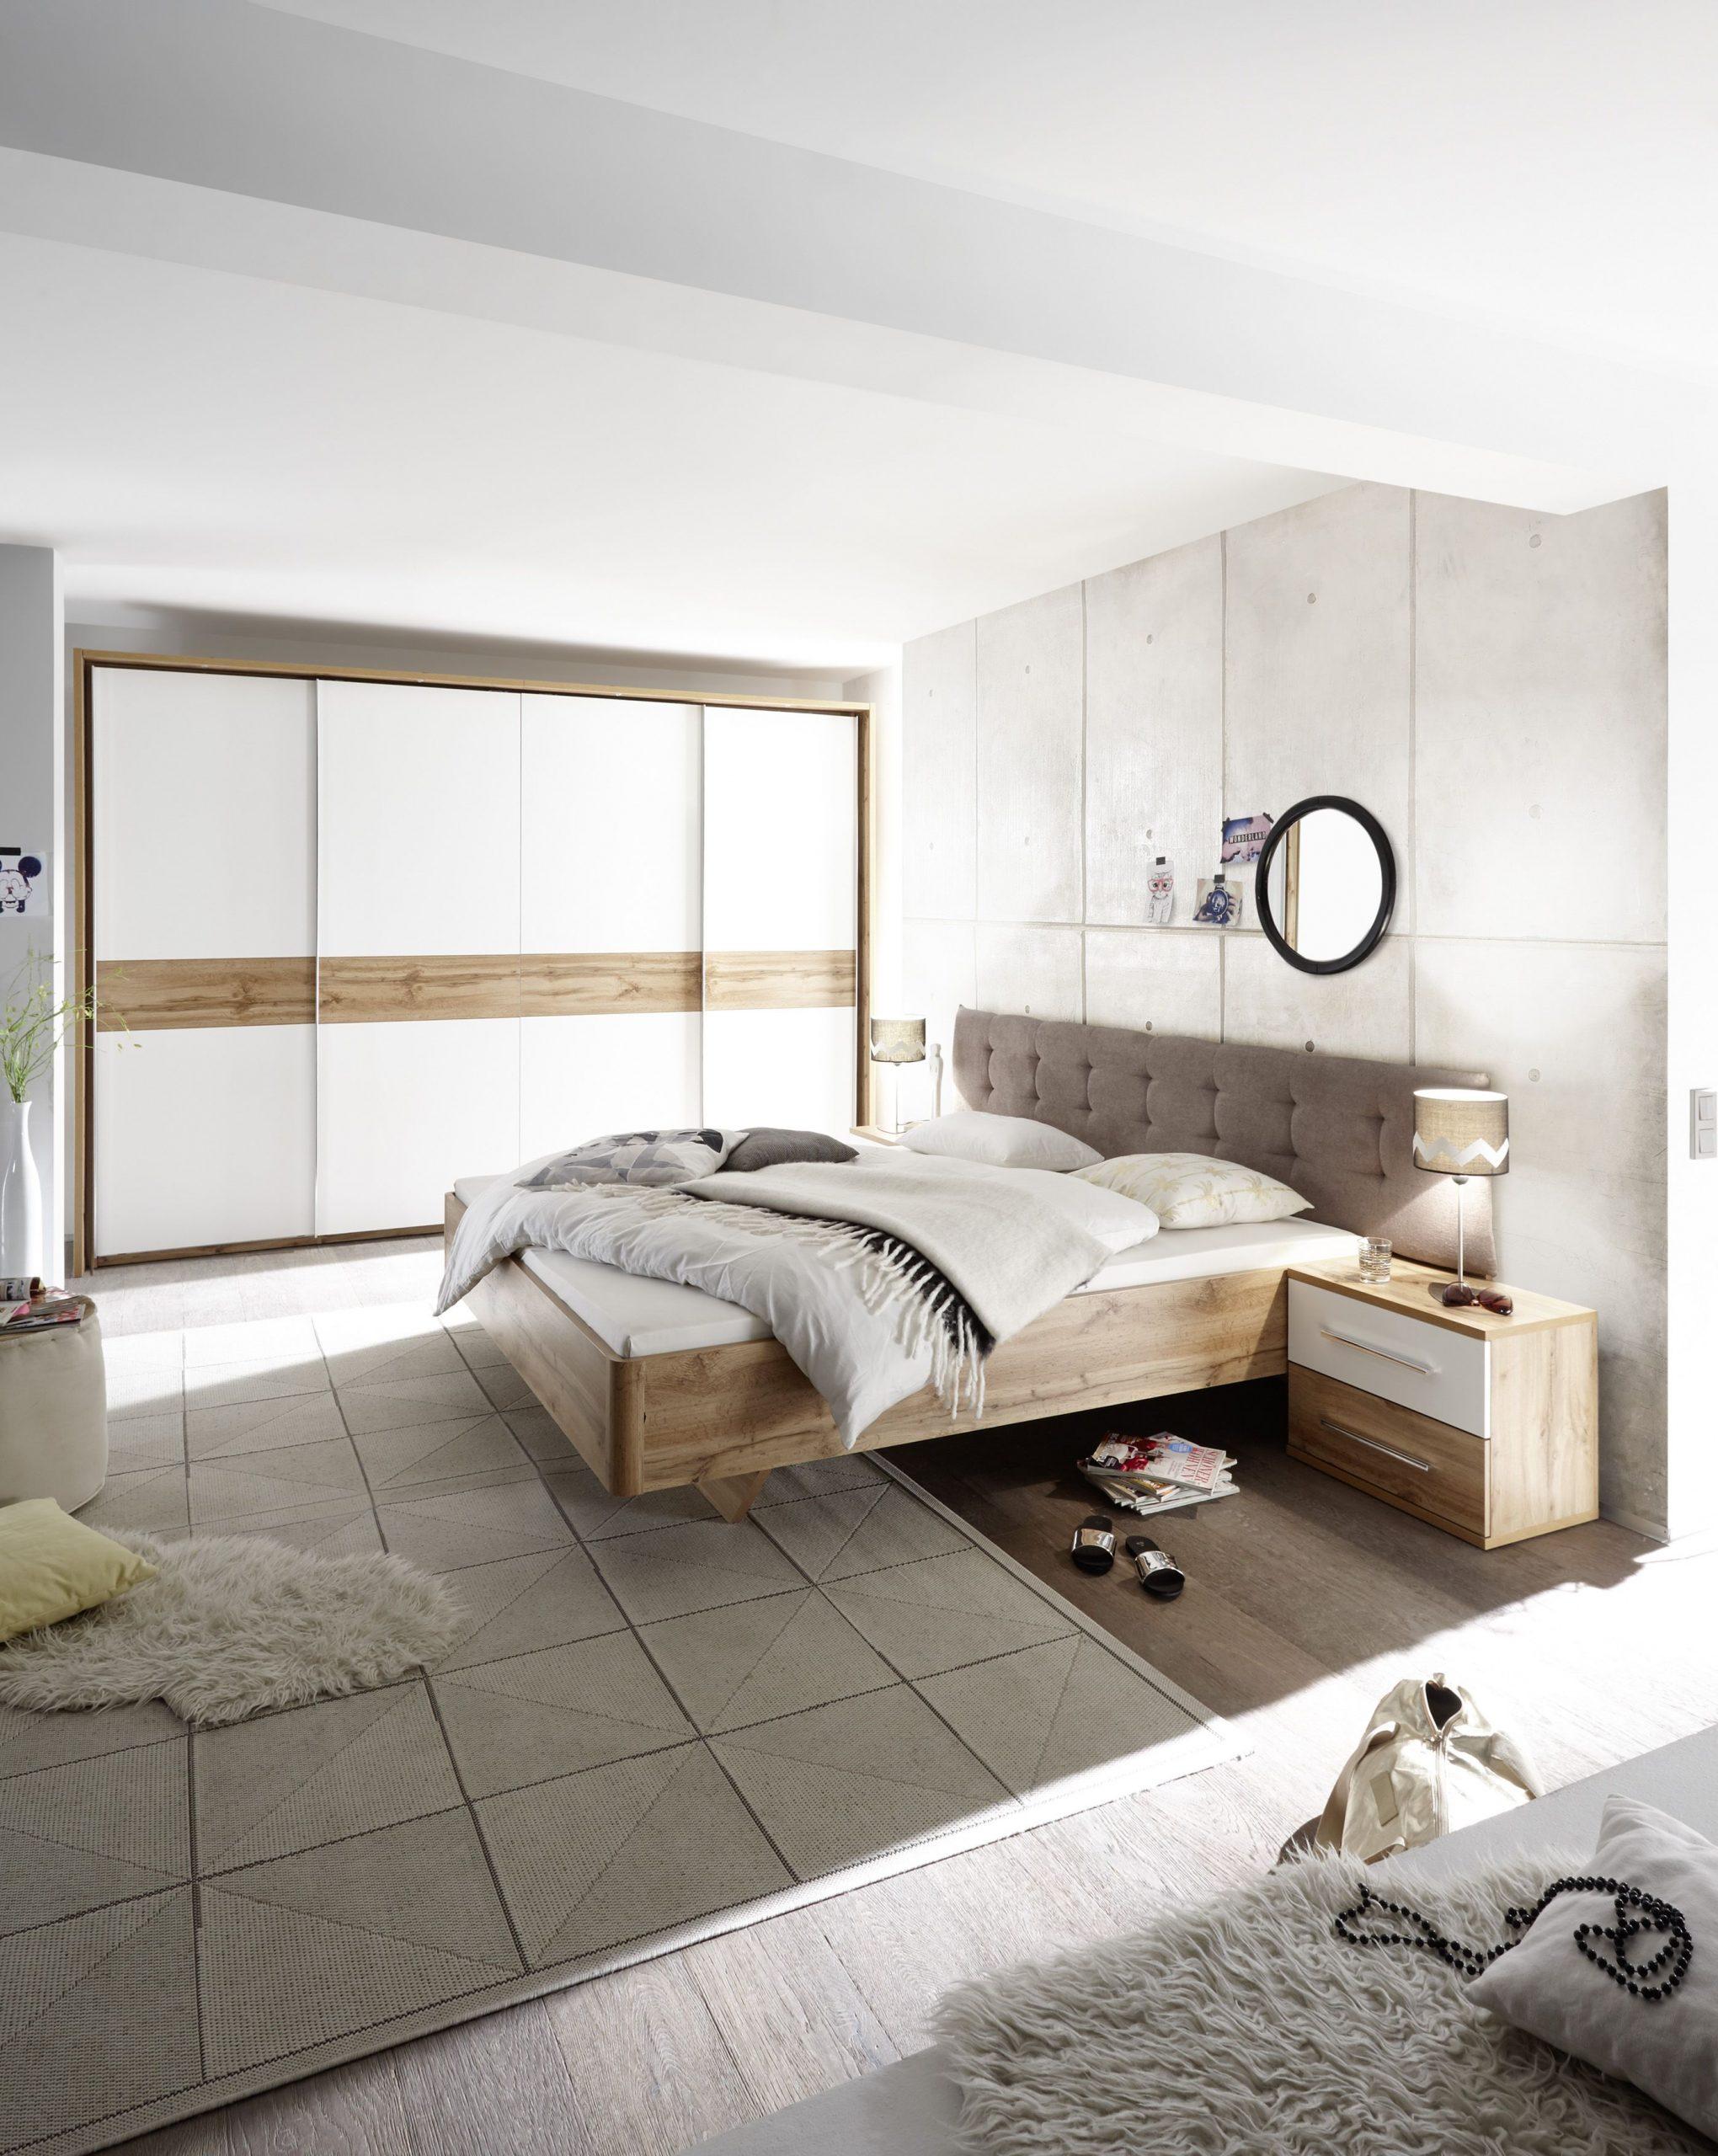 Full Size of Mbel Gnstig 24 Schlafzimmer Komplett Set 5 Tlg Bergamo Bett 180 Schränke Weißes Schrank Stuhl Für Weiß Komplette Wandbilder Deckenleuchten Rauch Massivholz Schlafzimmer Günstige Schlafzimmer